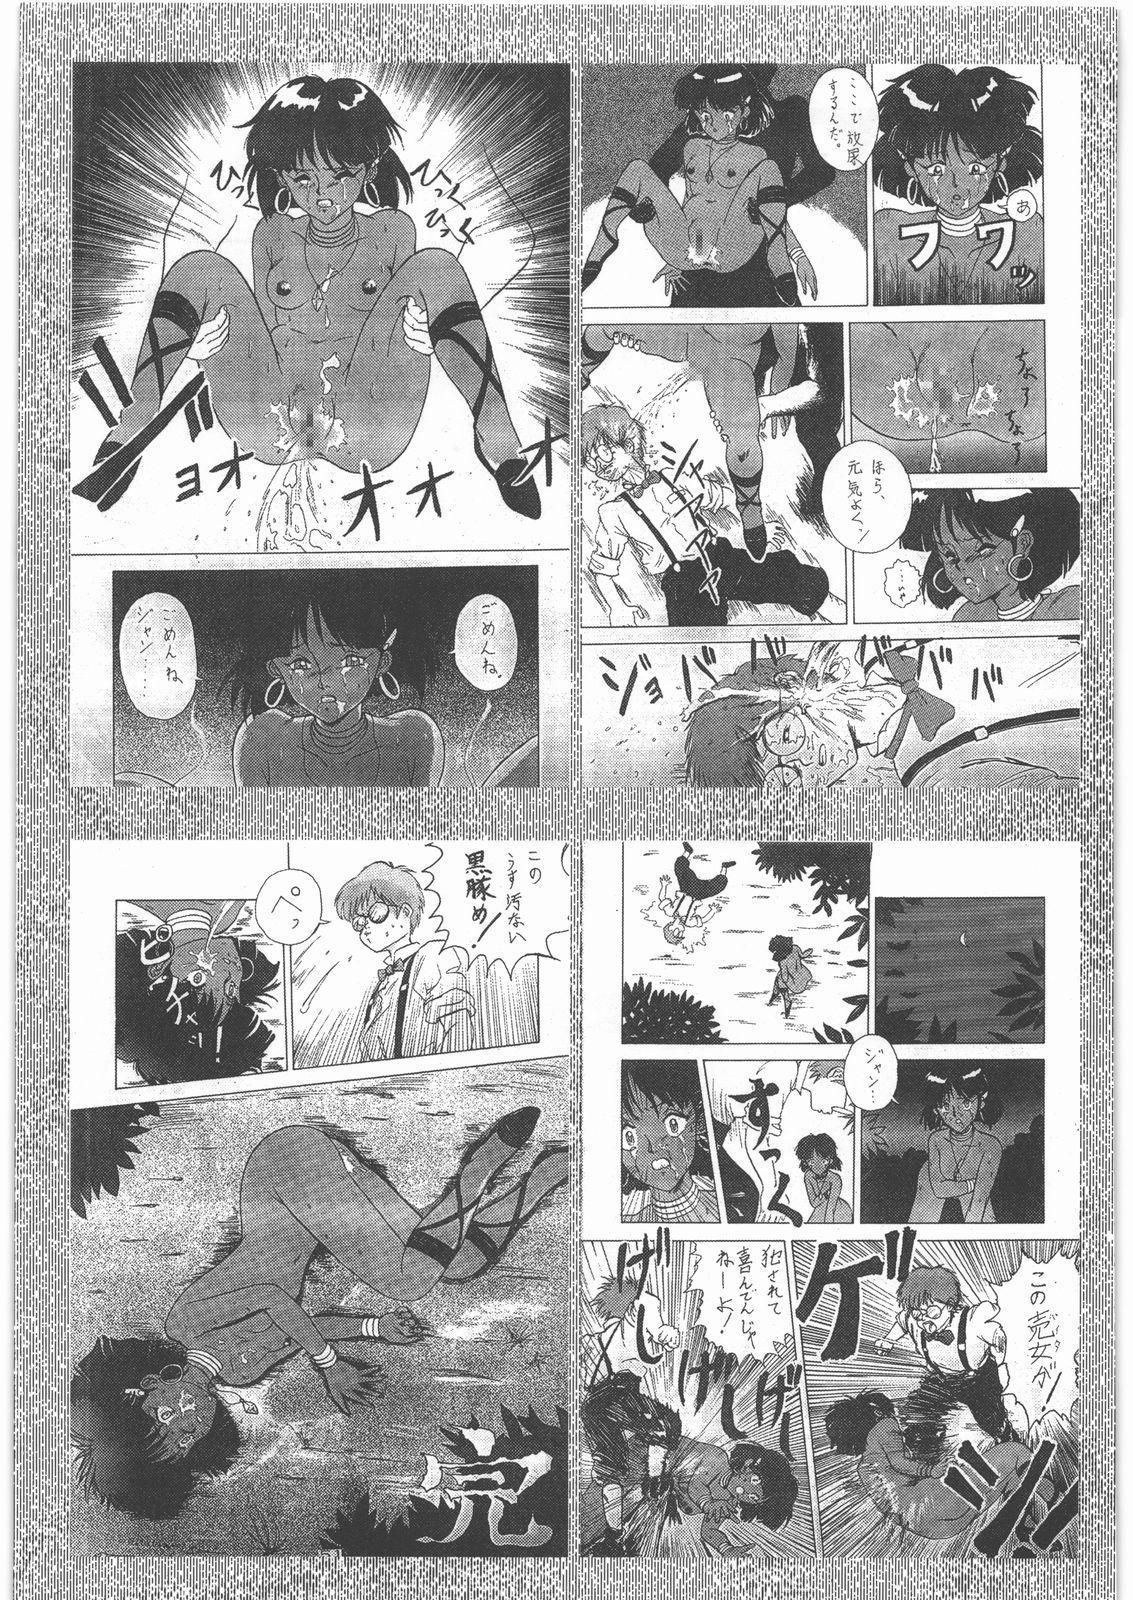 Umetamangashuu 15 5